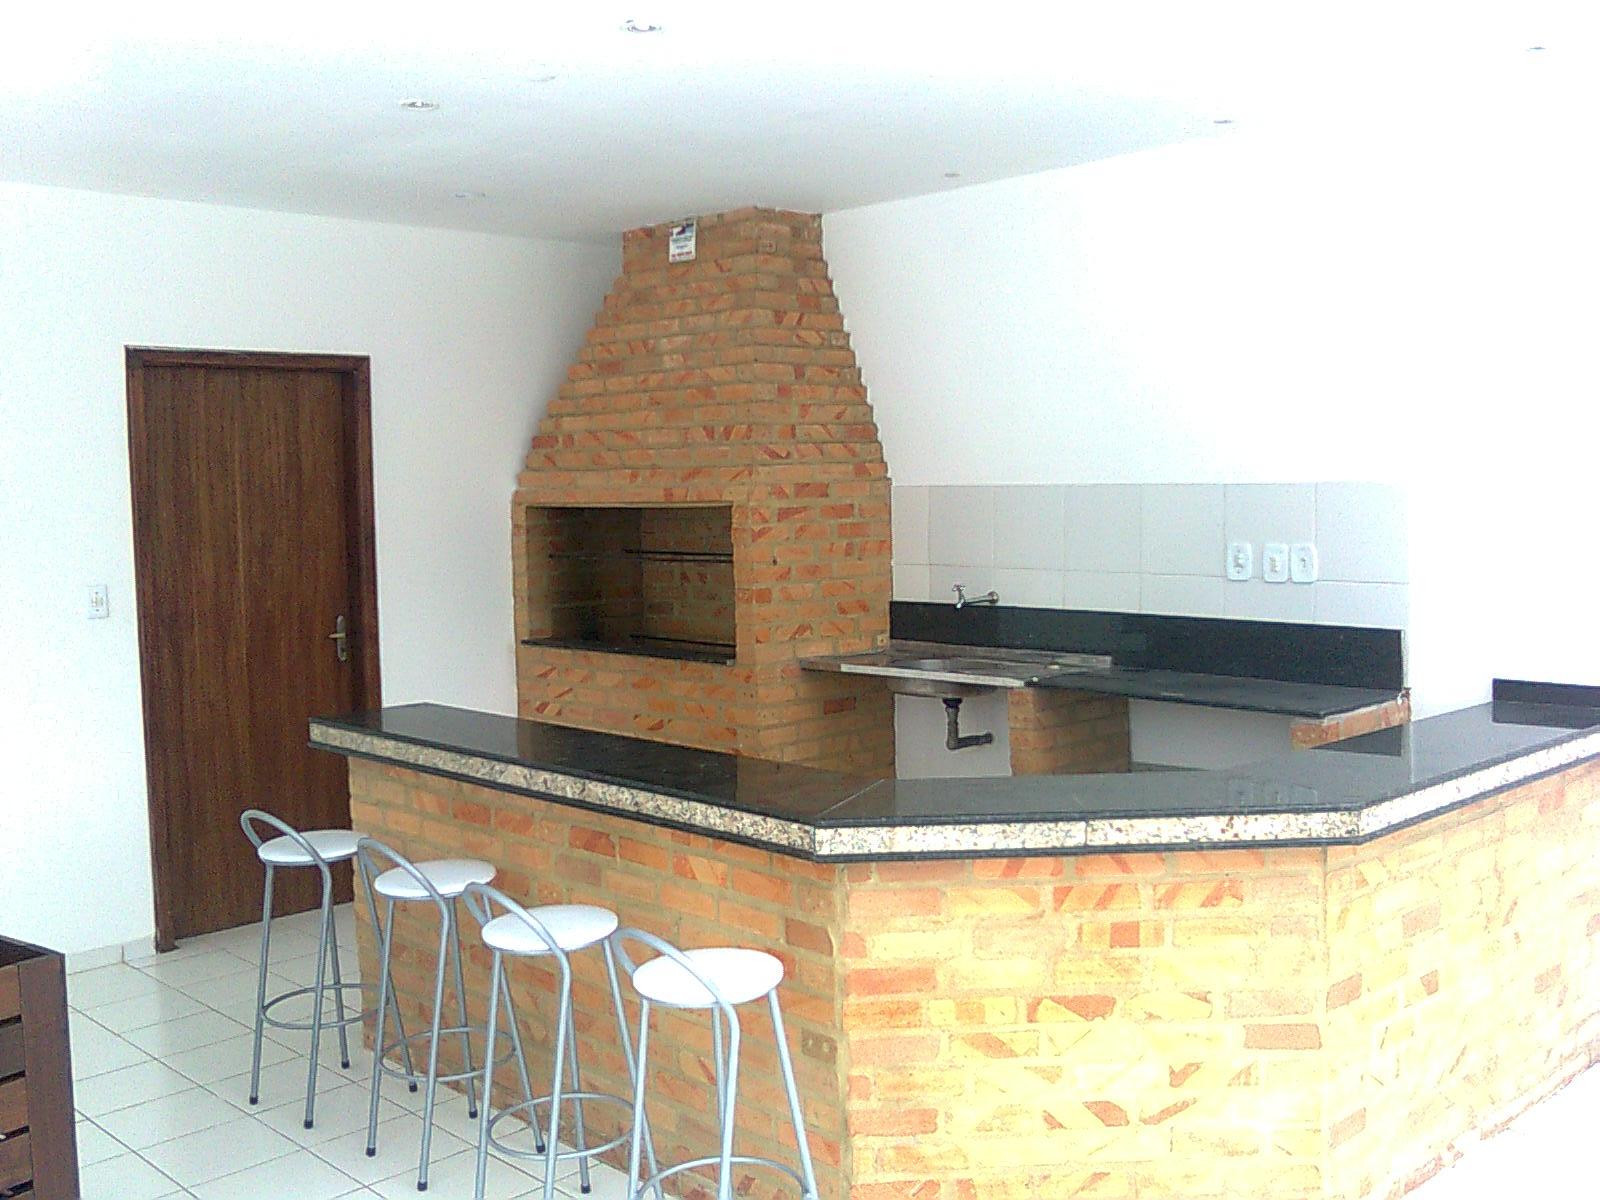 Foto de um espaço gourmet com churrasqueira e bancadas feitas com alvenaria de tijolo maciço